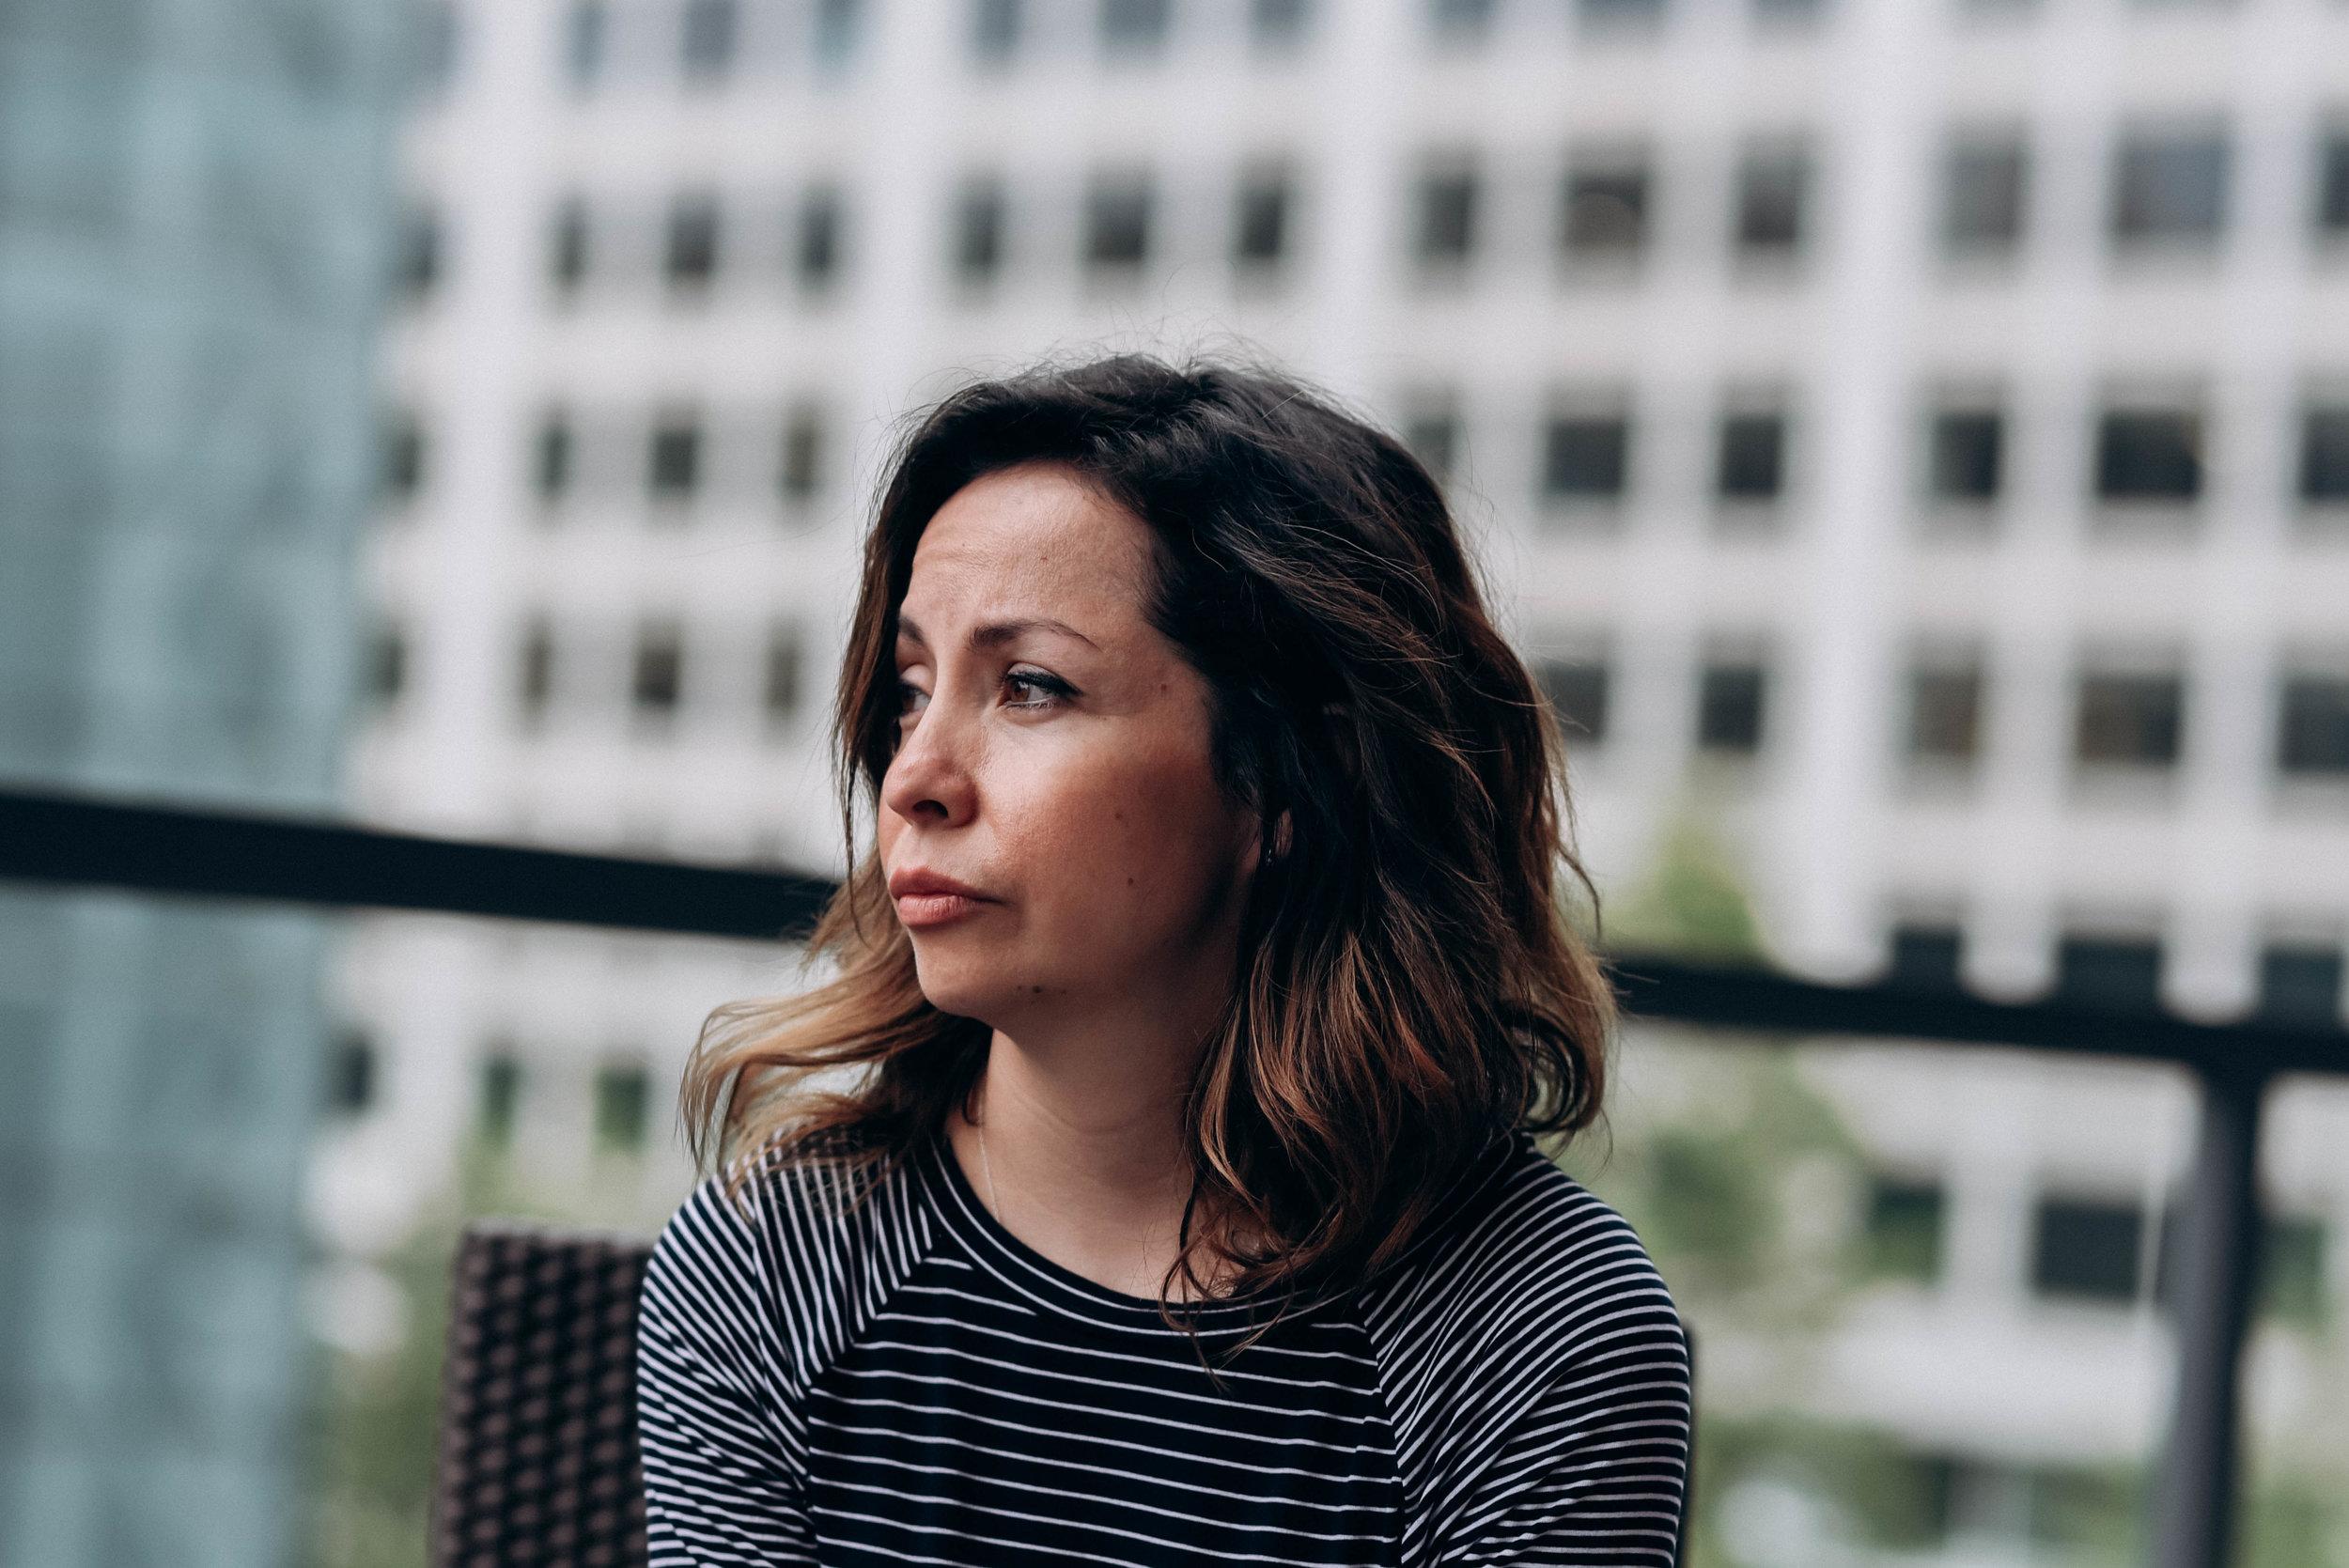 Raquel, Alexandria VA